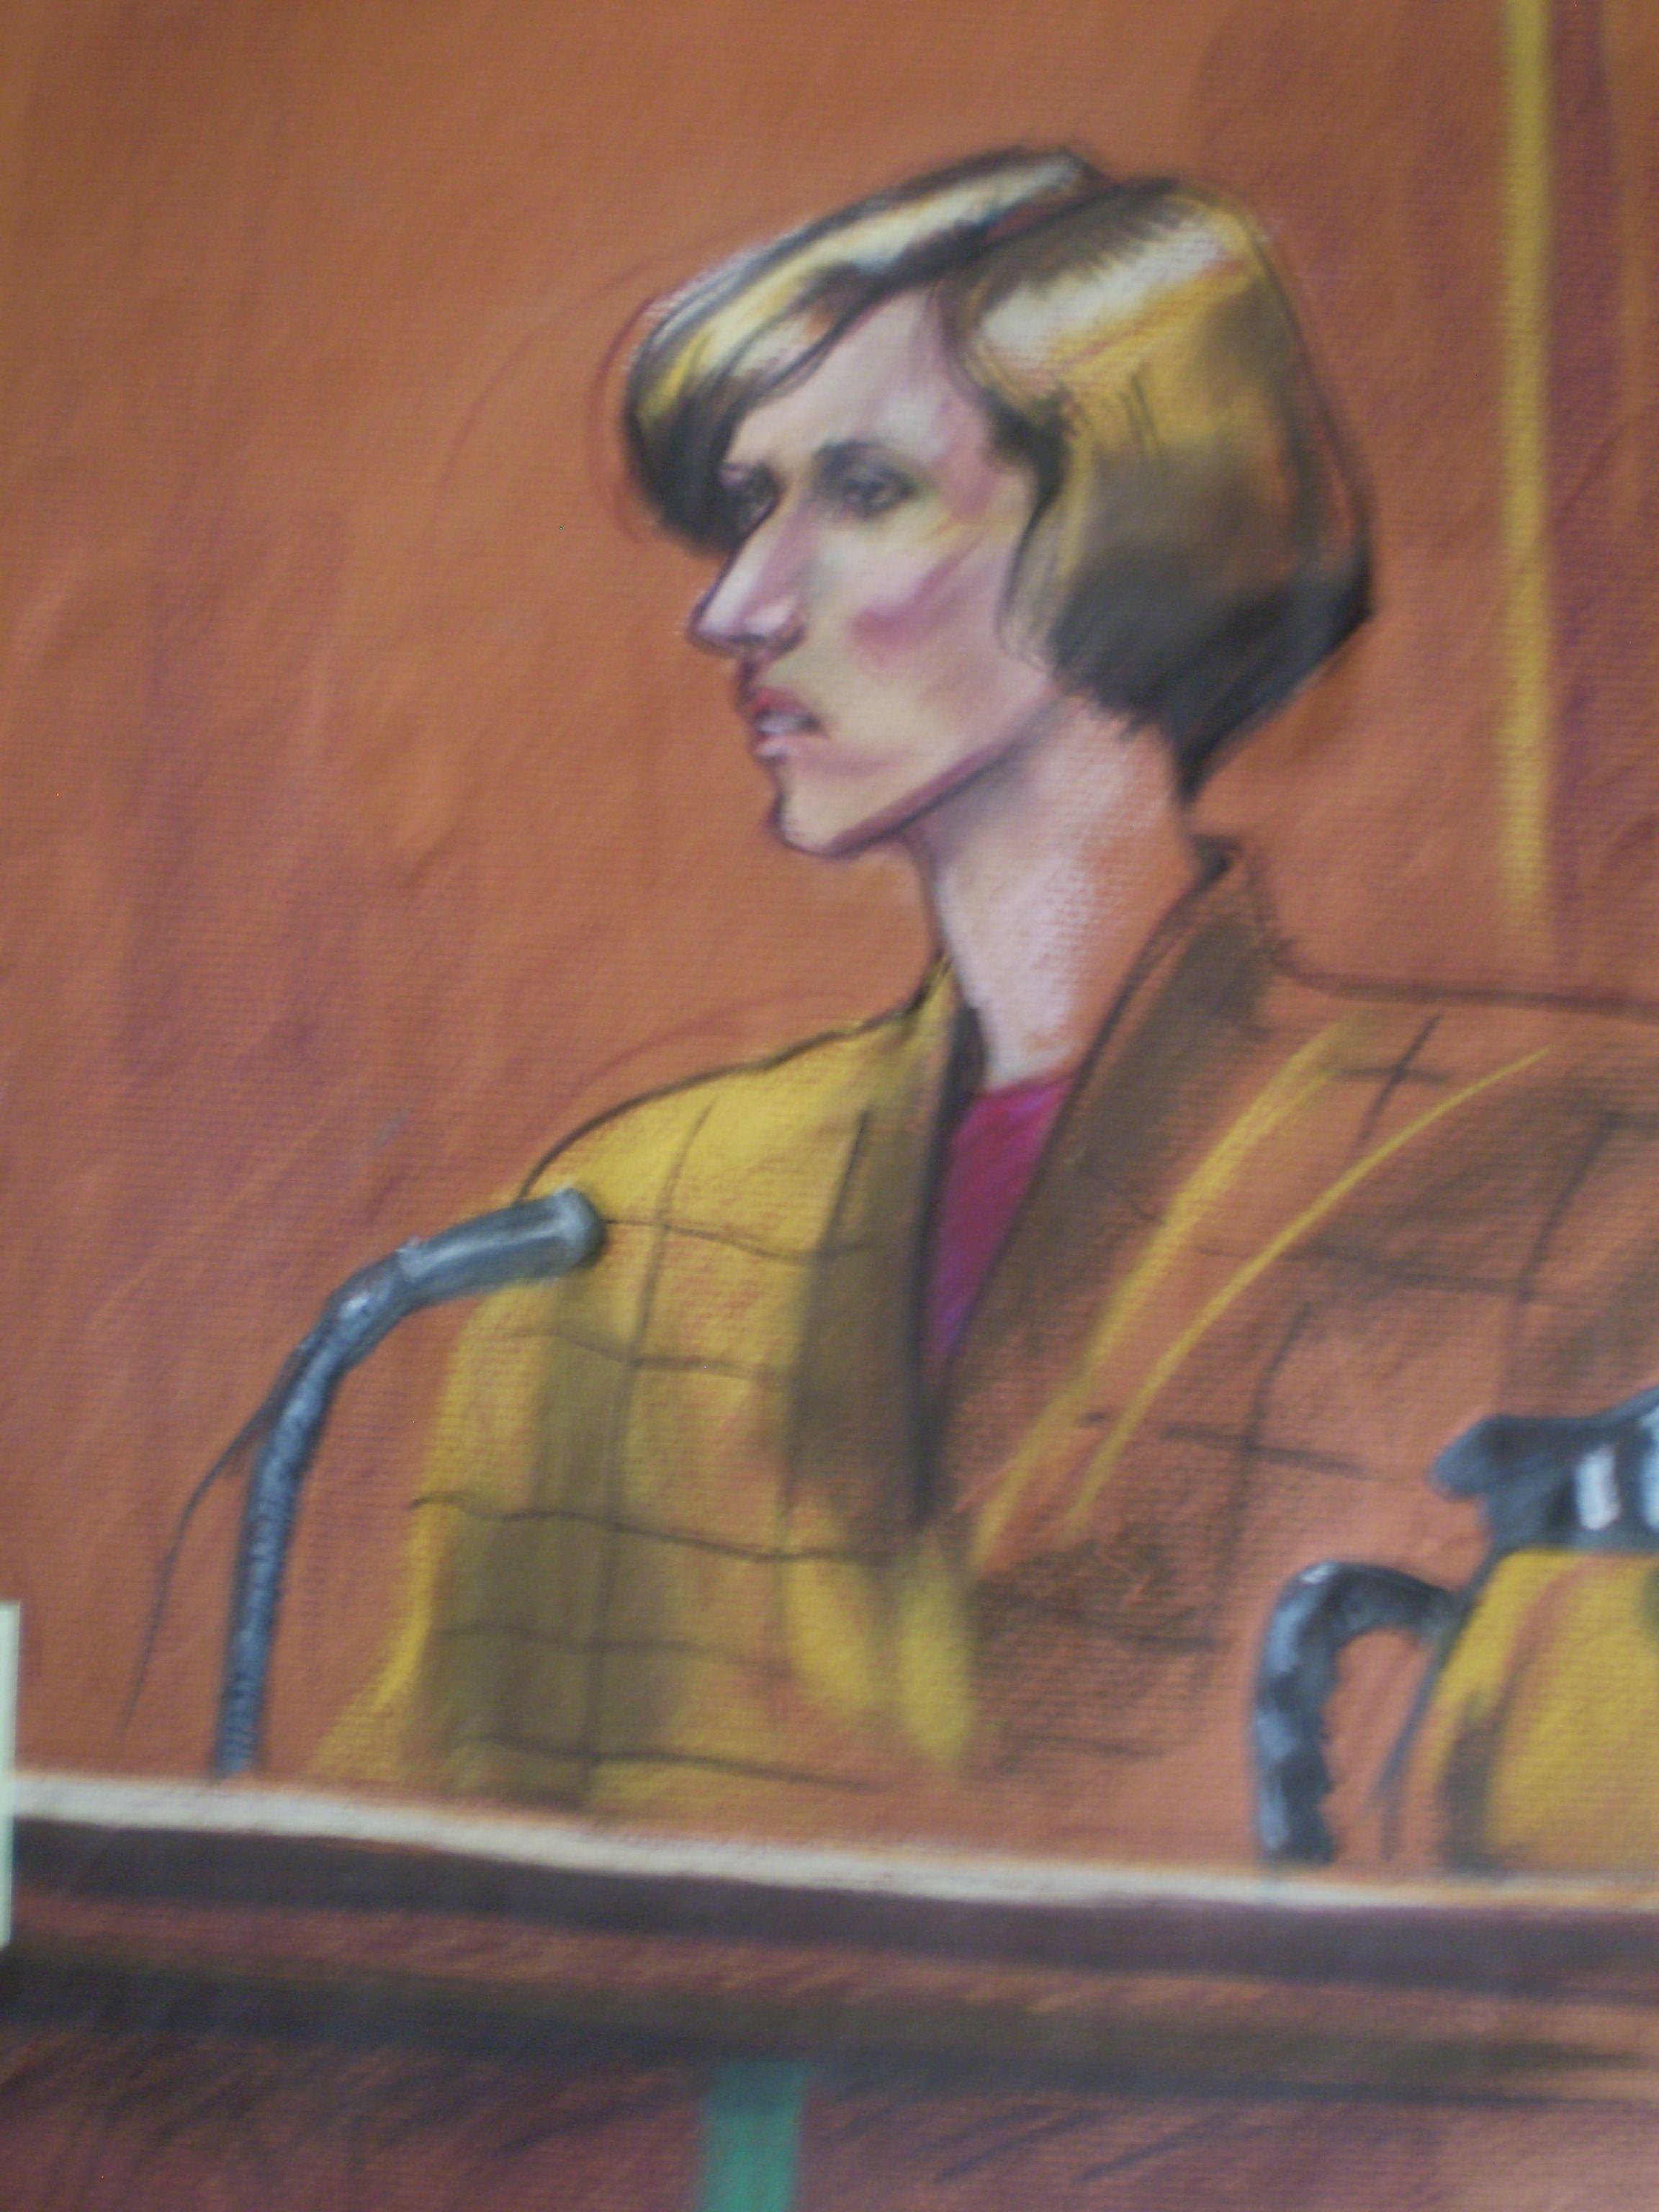 Courtroom illustration by wkbradley courtroom sketch